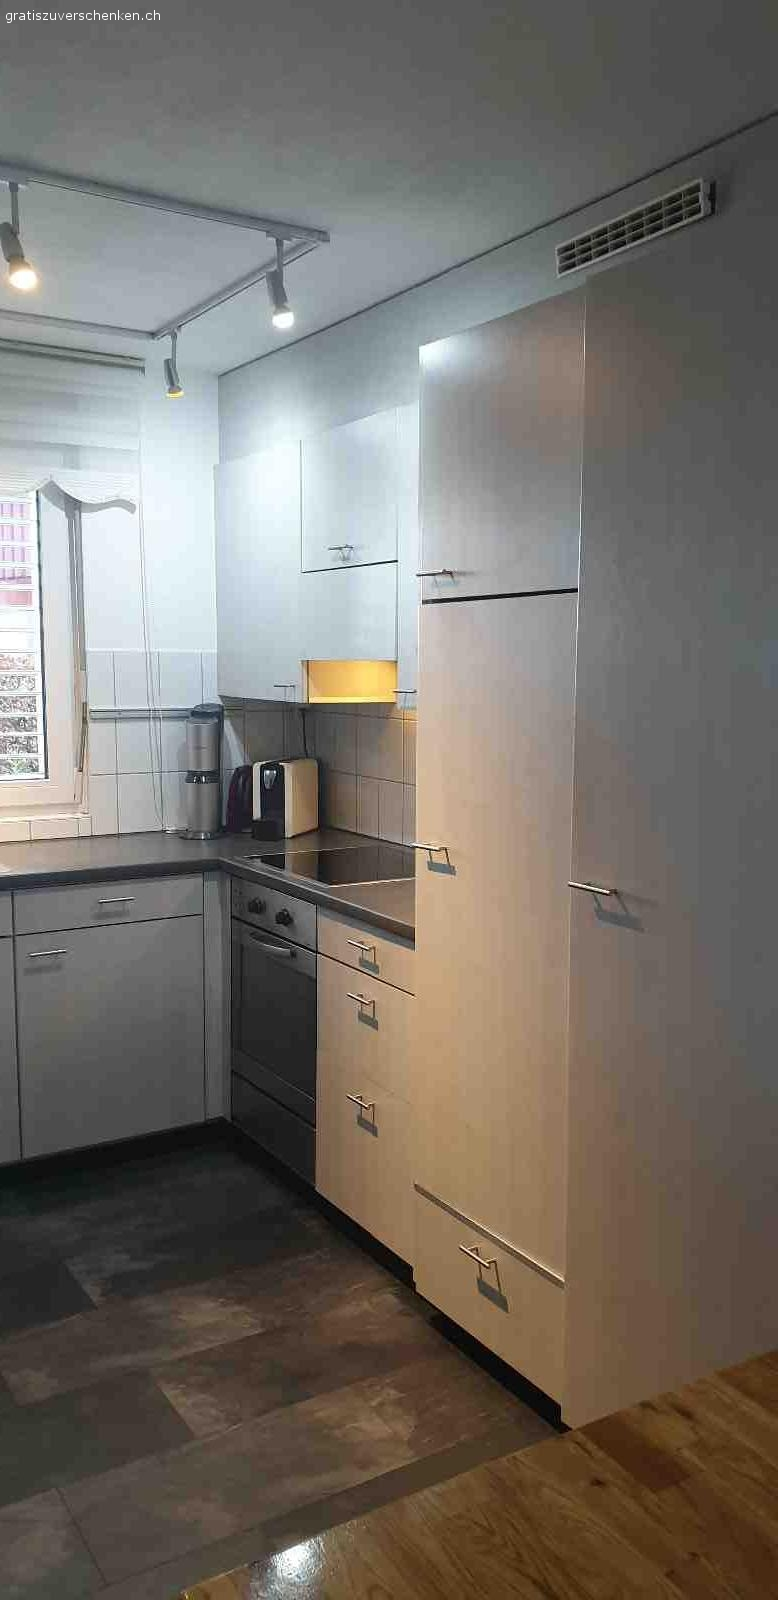 Full Size of Komplettküche Kaufen Einbauküche Ohne Kühlschrank Komplettküche Mit Elektrogeräten Willhaben Komplettküche Küche Einbauküche Ohne Kühlschrank